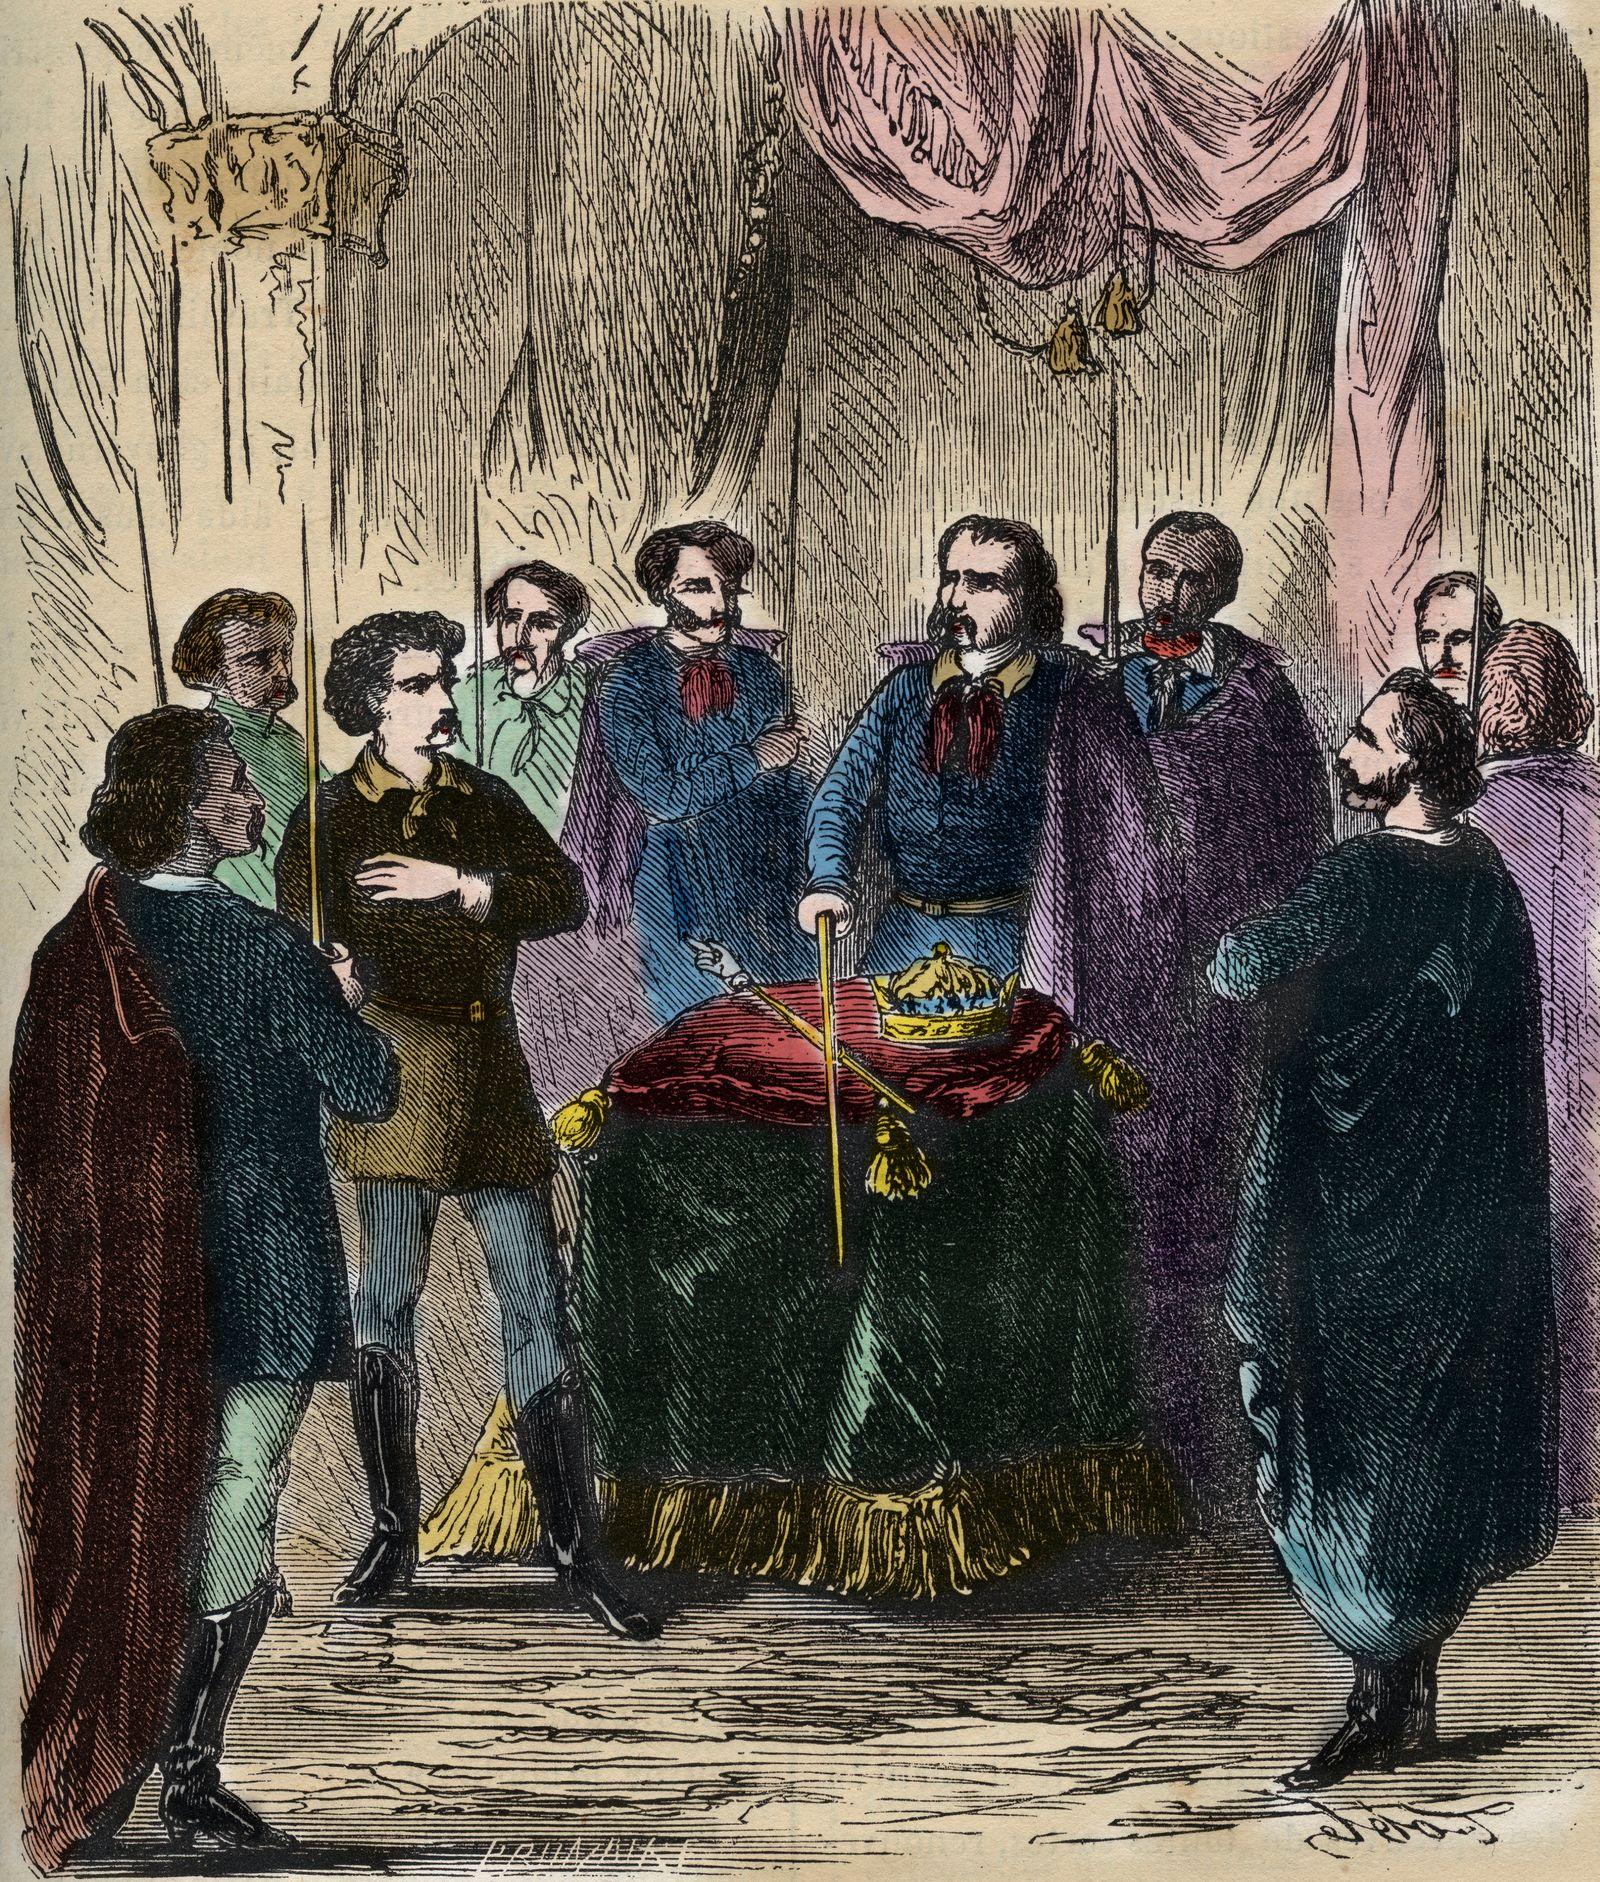 Reception of an Illuminatus